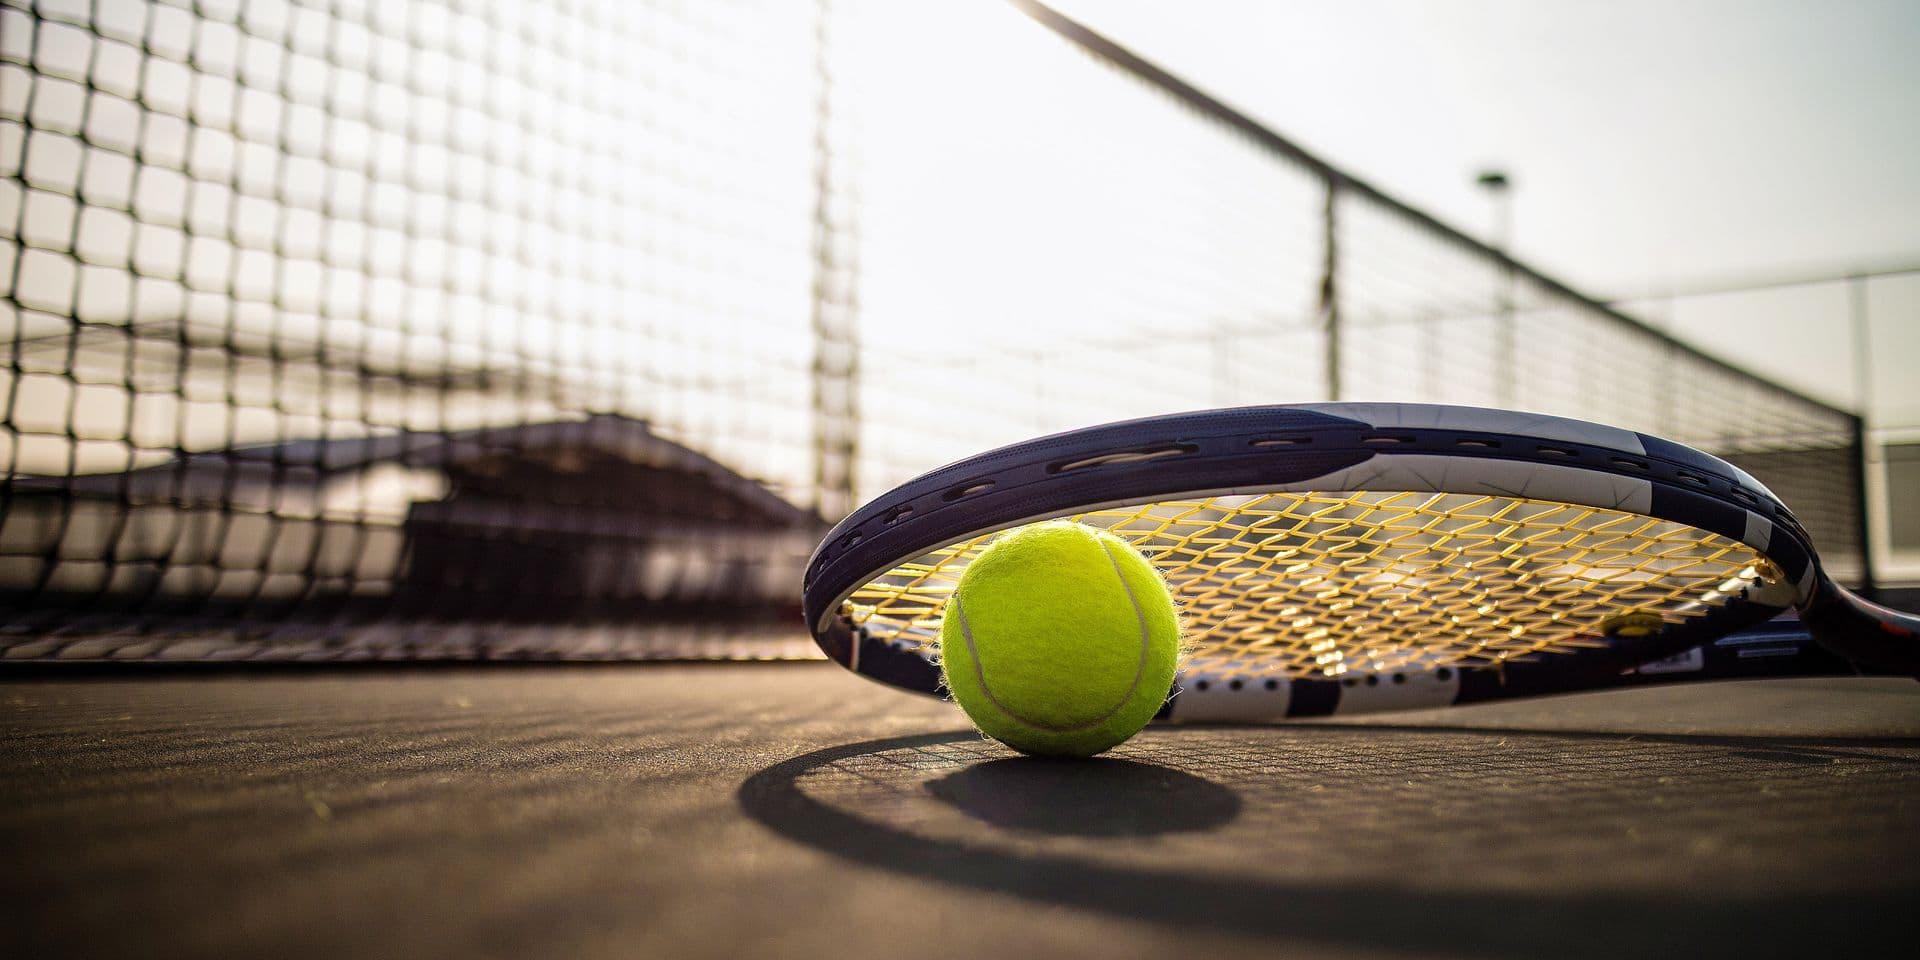 Avec le Transition Tour, une grande menace plane sur le tennis mondial